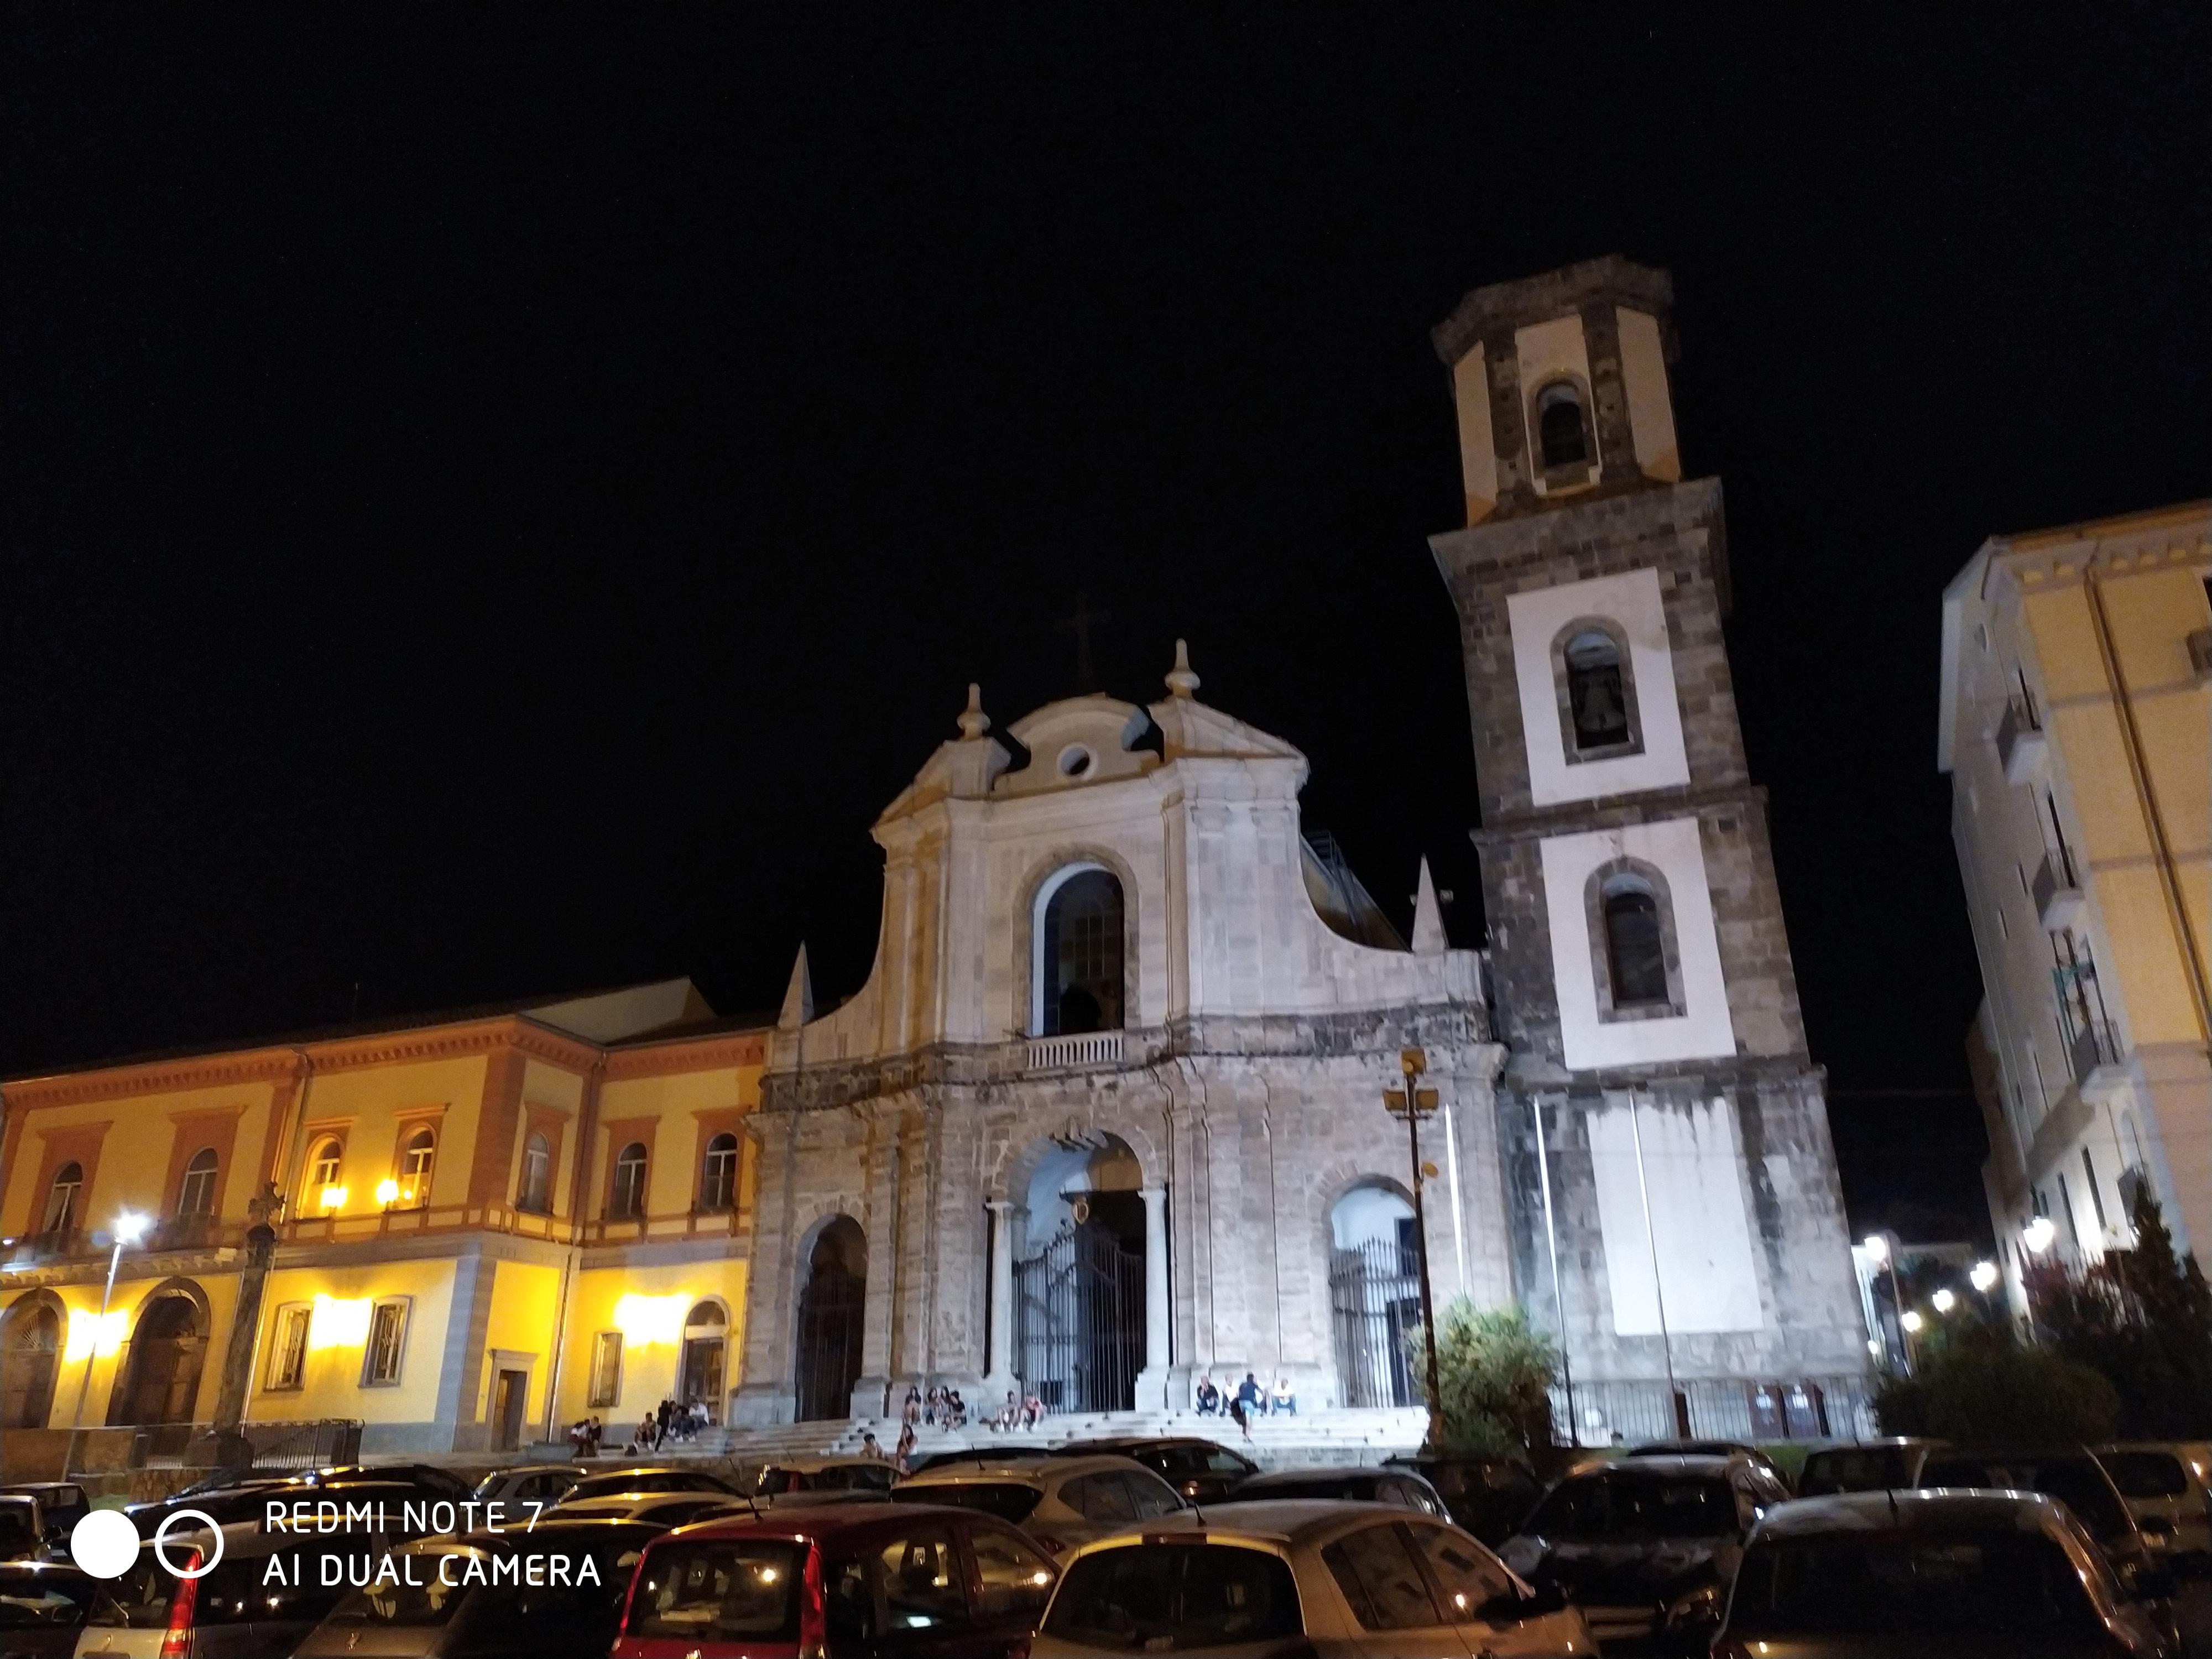 Fotografo Cava Dei Tirreni chiesa san francesco cava de' tirreni (sa) - fotografia - mi